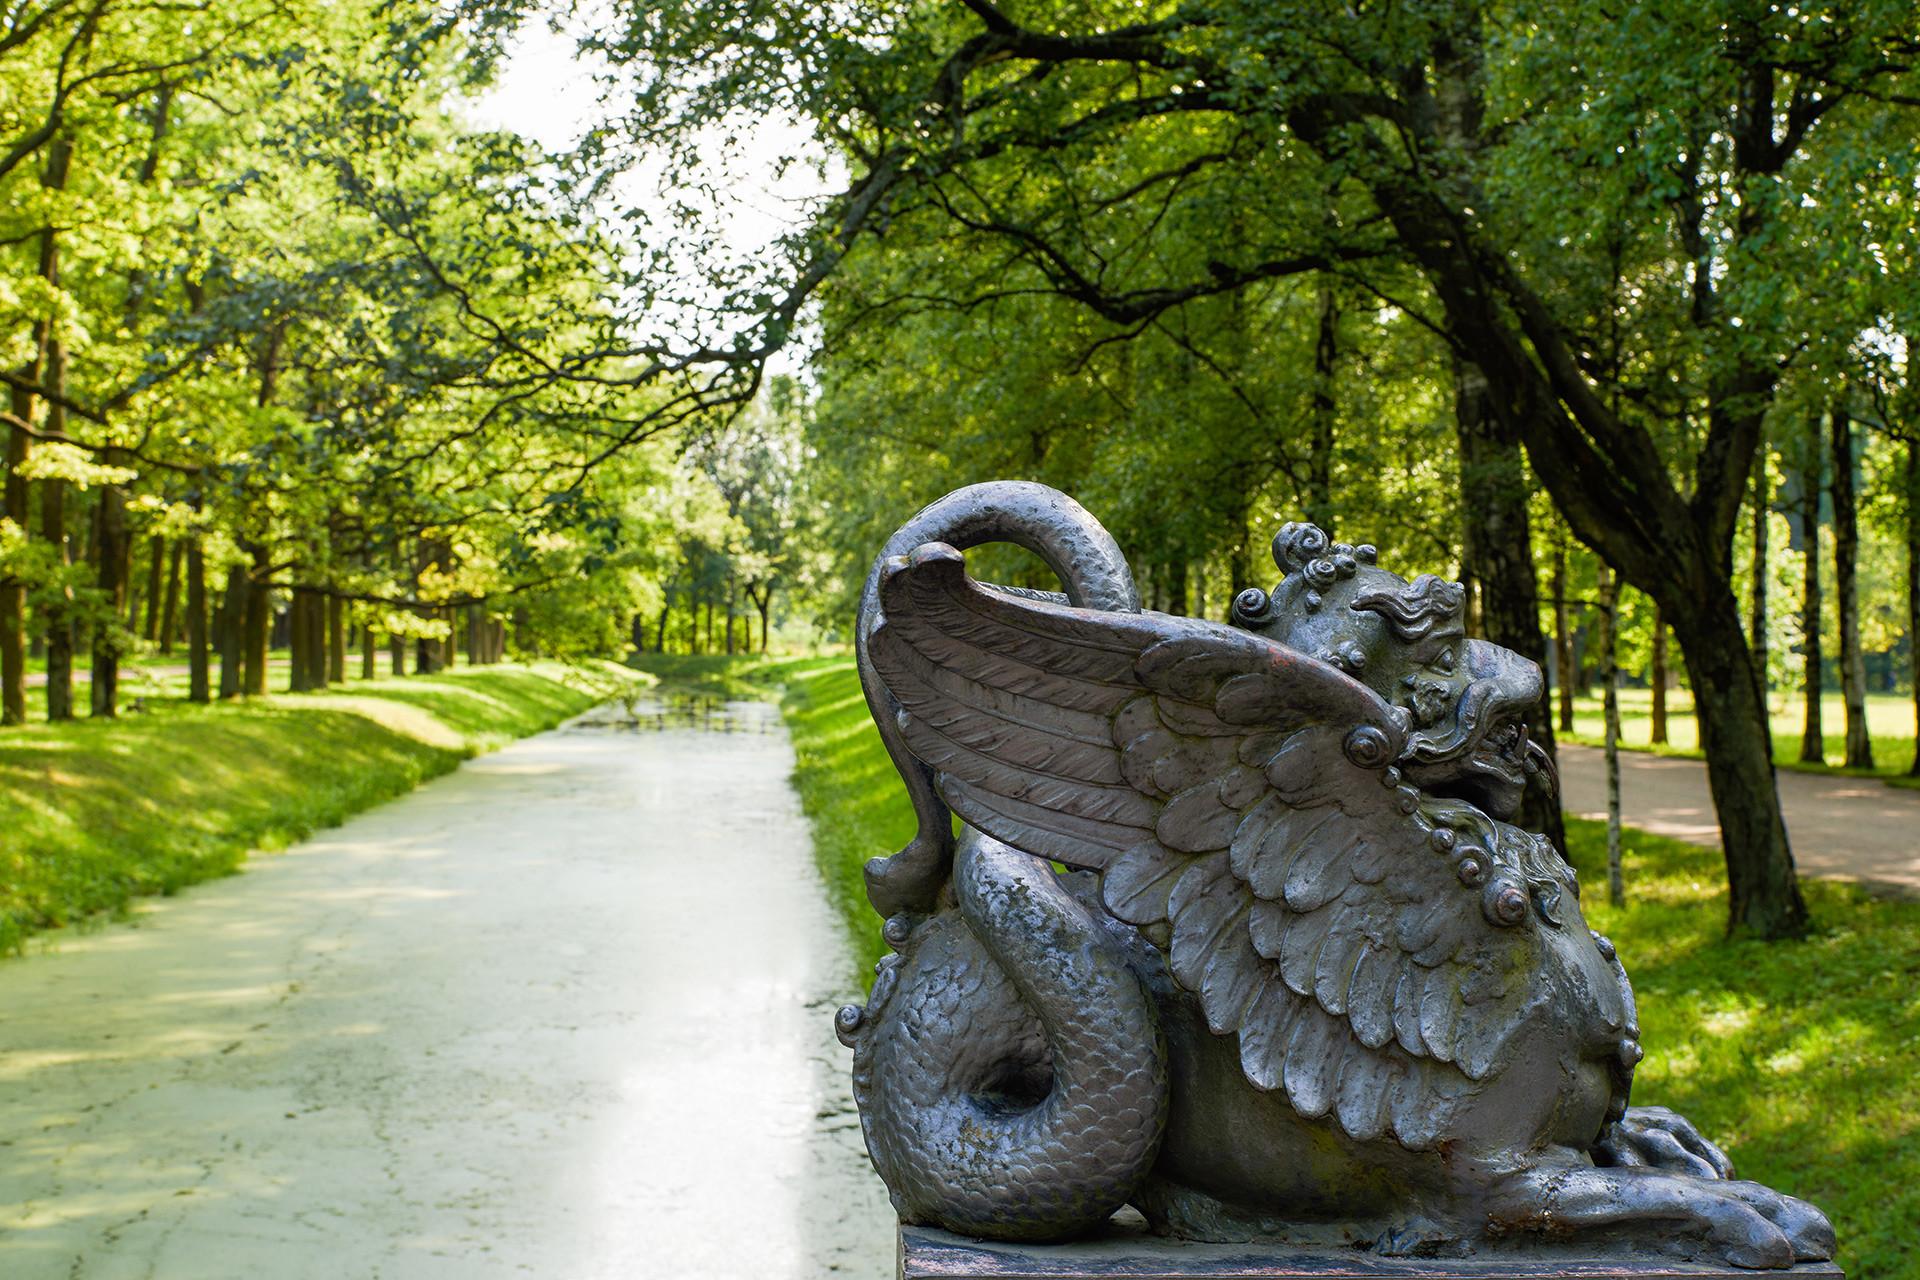 ドラゴン橋の彫刻。プーシキン市の野外博物館ツァールスコエ・セローにあるアレクサンドロフスキー公園。